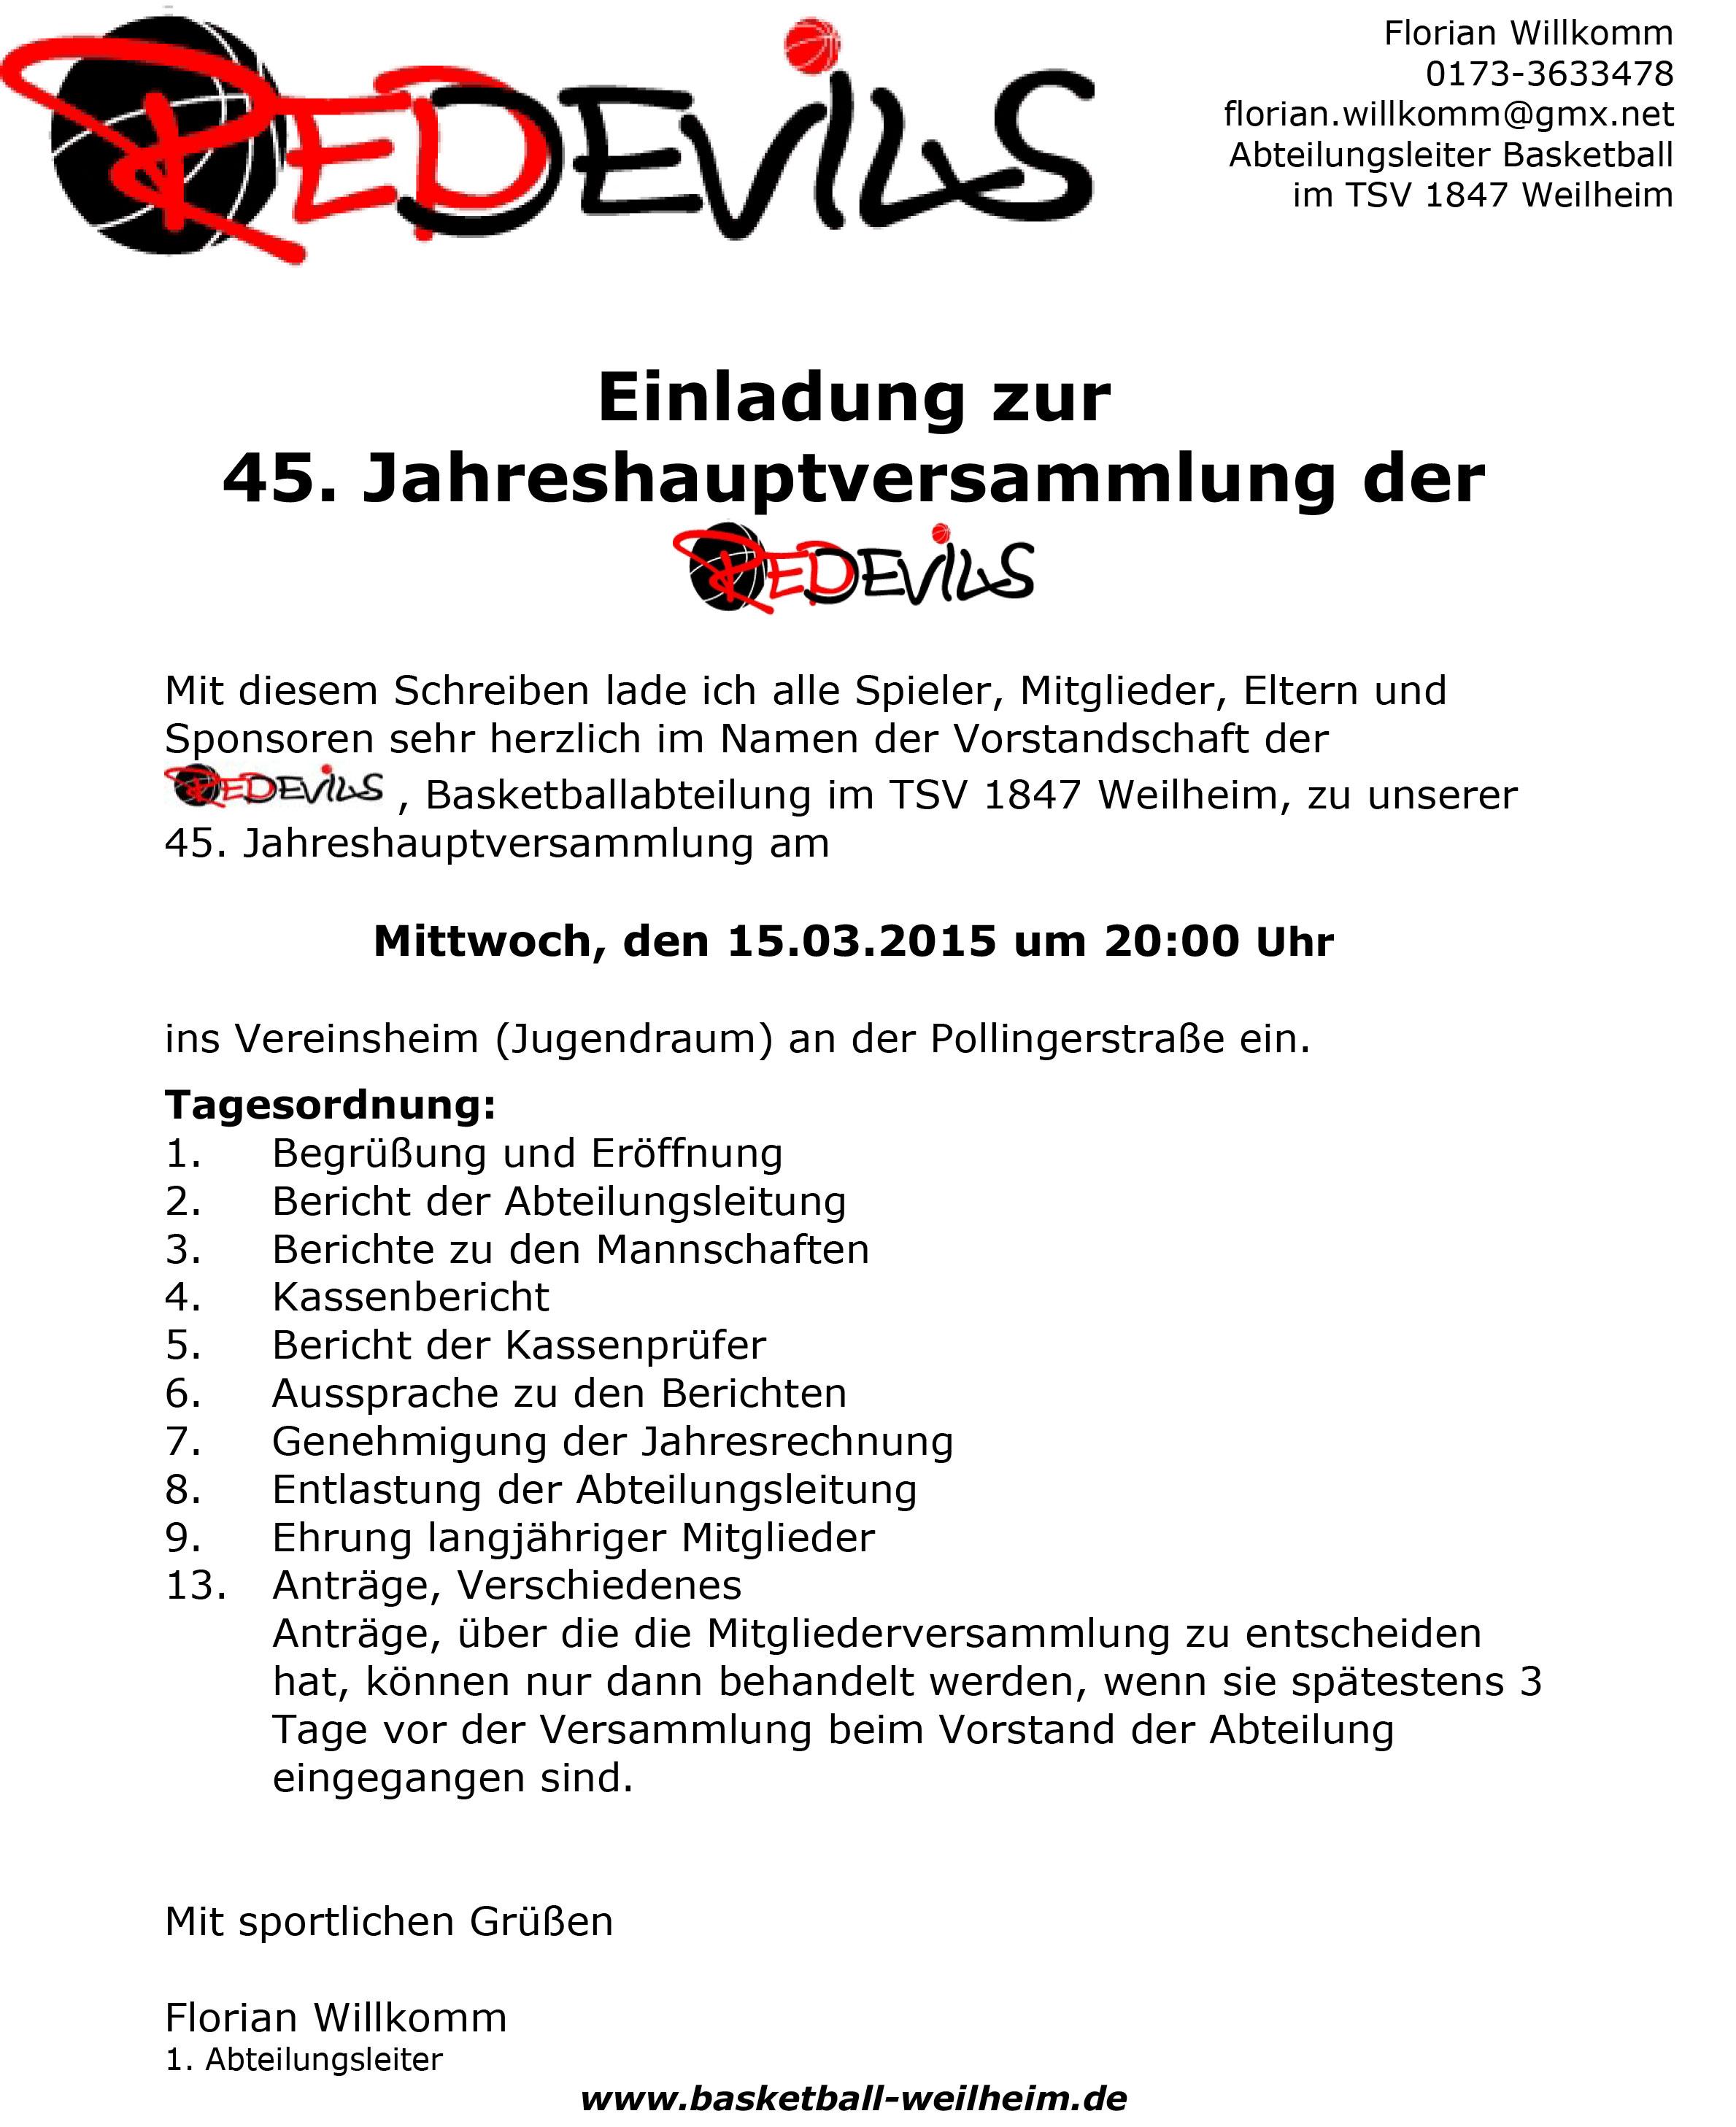 Großzügig Bericht Schreiben Vorlage Wort Galerie - Beispiel ...